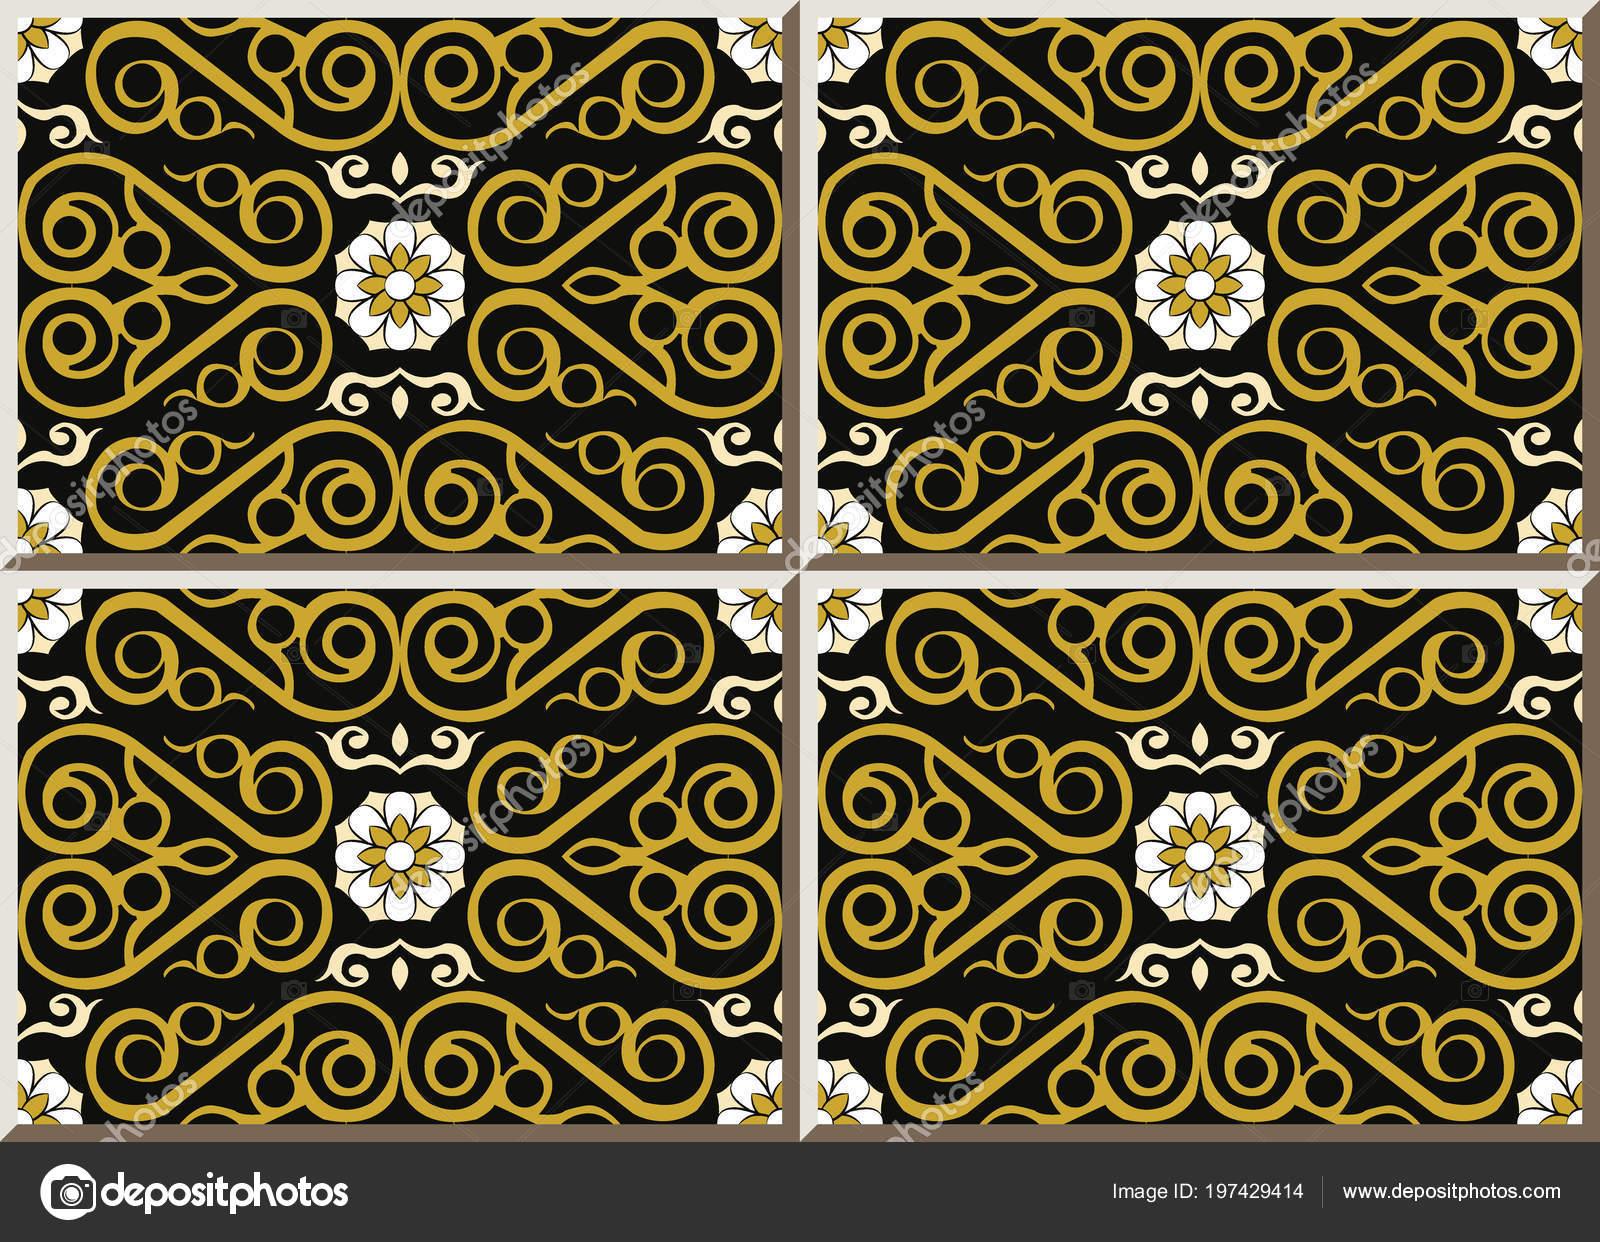 Curva spirale piastrelle ceramica modello controllo croce fiore